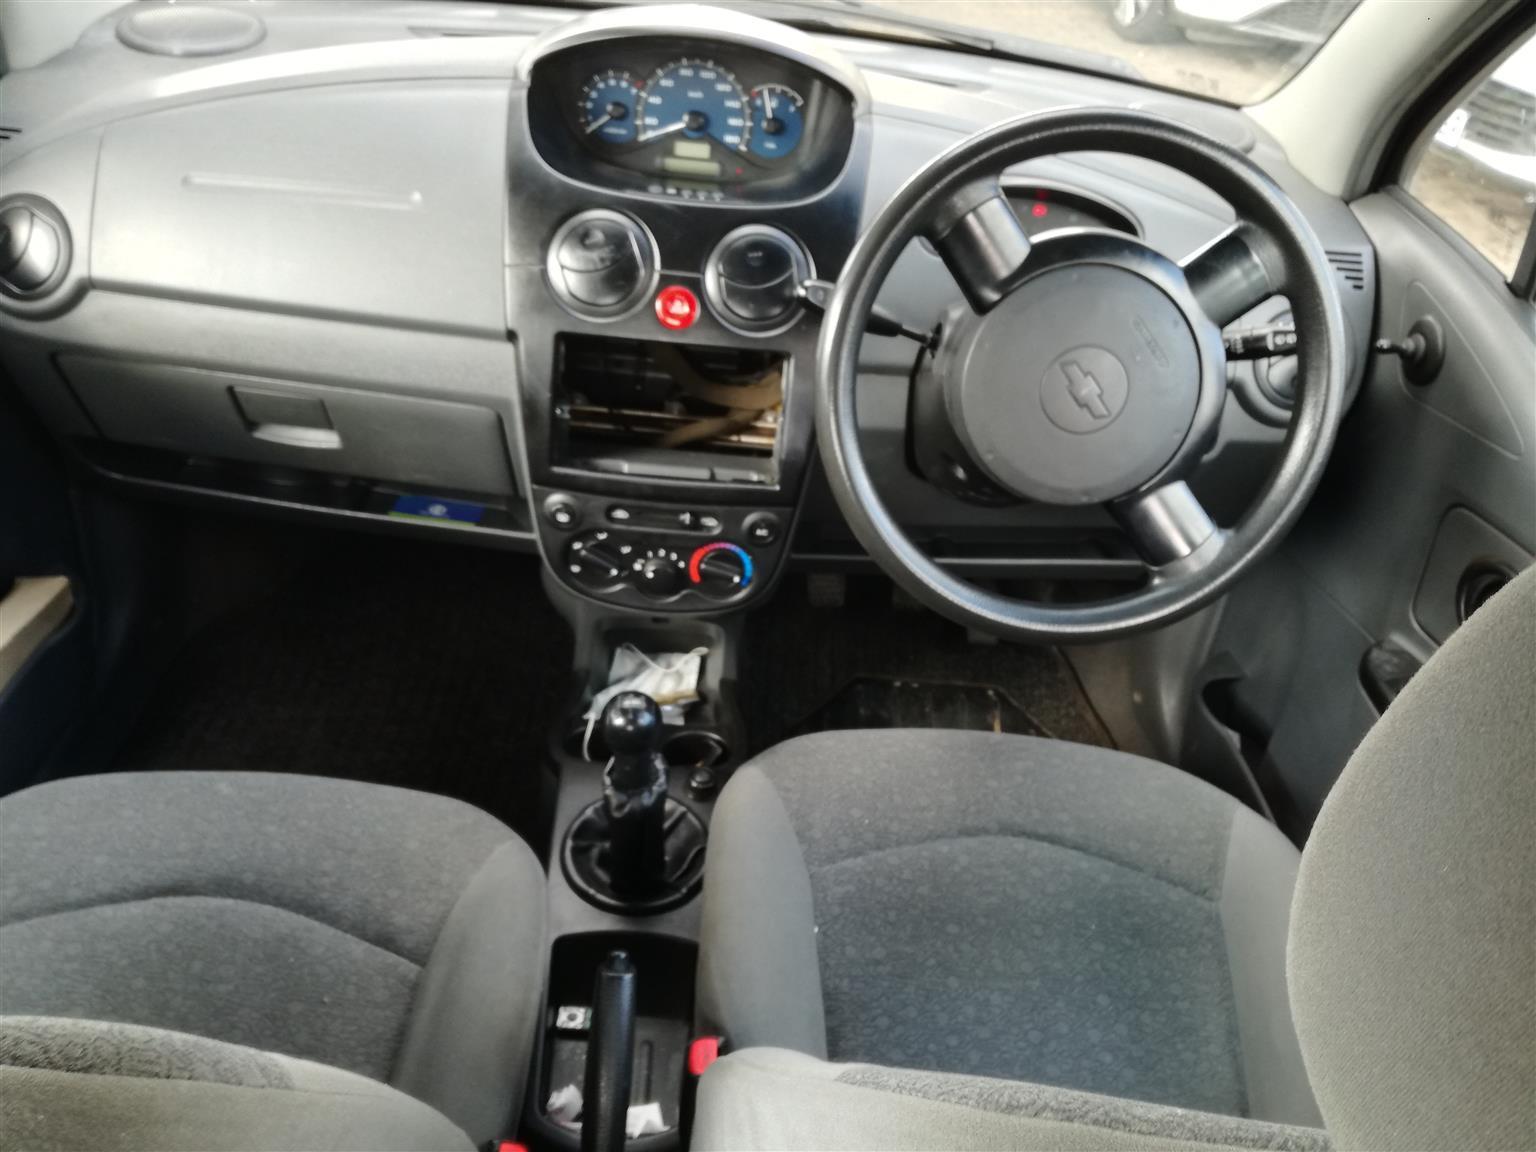 2007 Chevrolet Spark 1.0LT